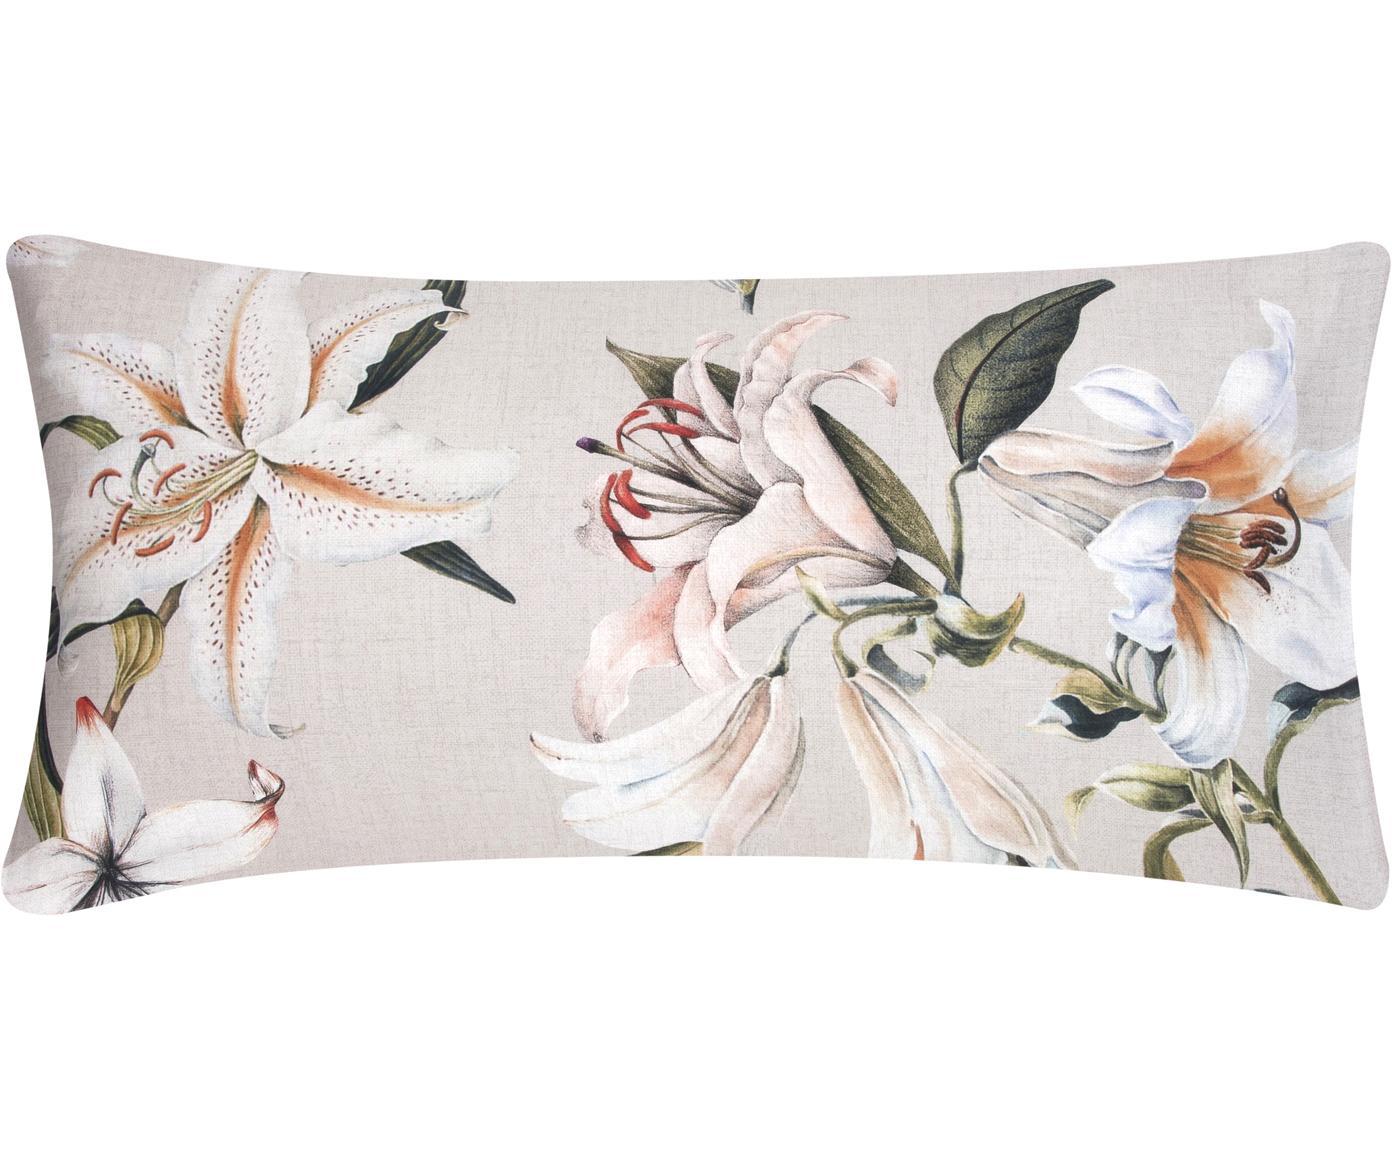 Baumwollsatin-Kissenbezüge Flori mit Blumen-Print, 2 Stück, Webart: Satin Fadendichte 210 TC,, Vorderseite: Beige, Cremeweiß Rückseite: Beige, 40 x 80 cm